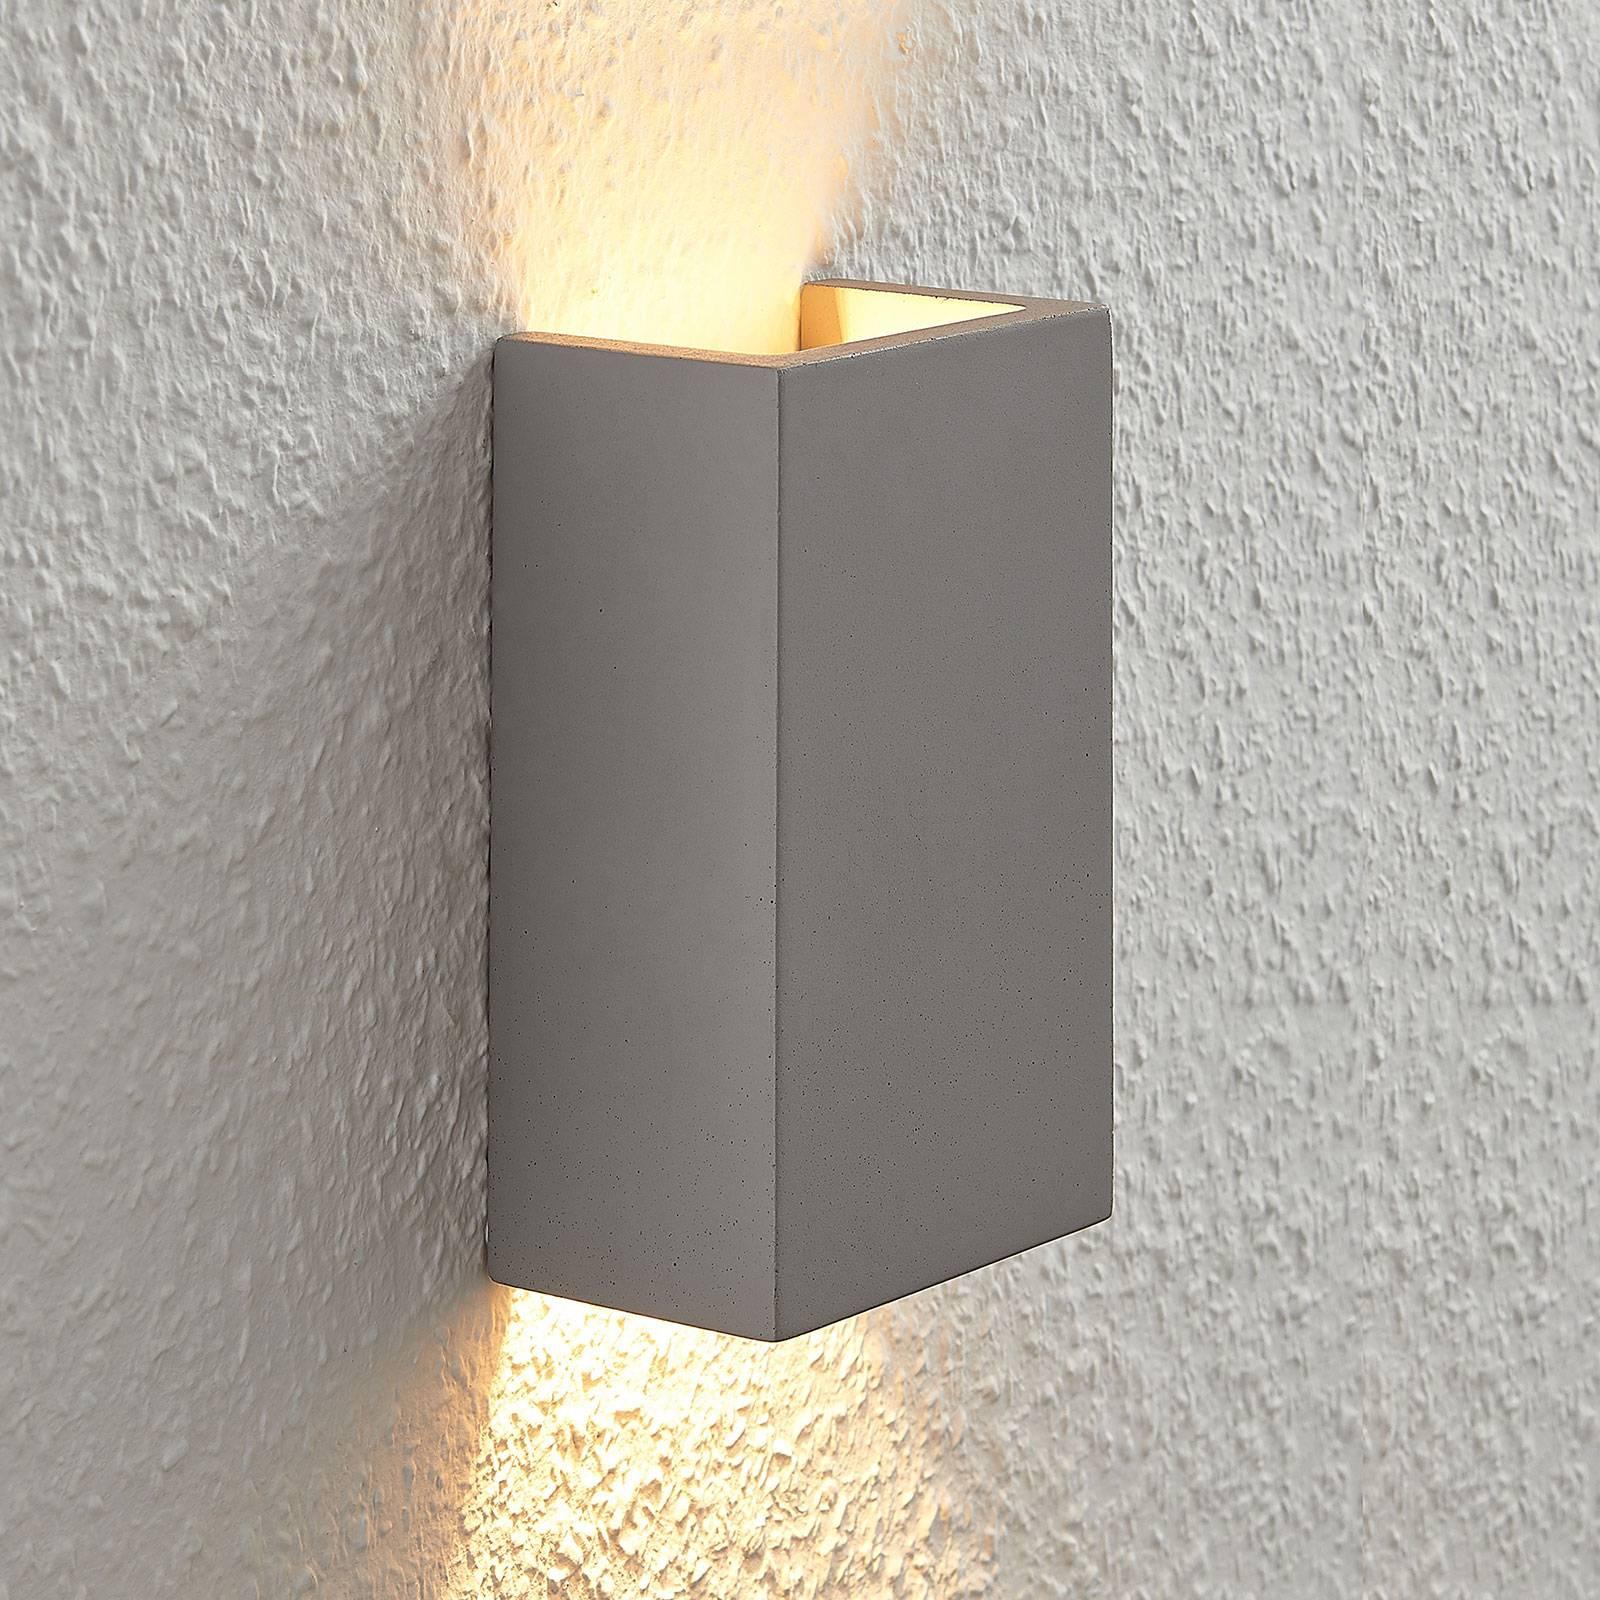 Betoninen seinävalaisin Smira harmaa 11x18 cm